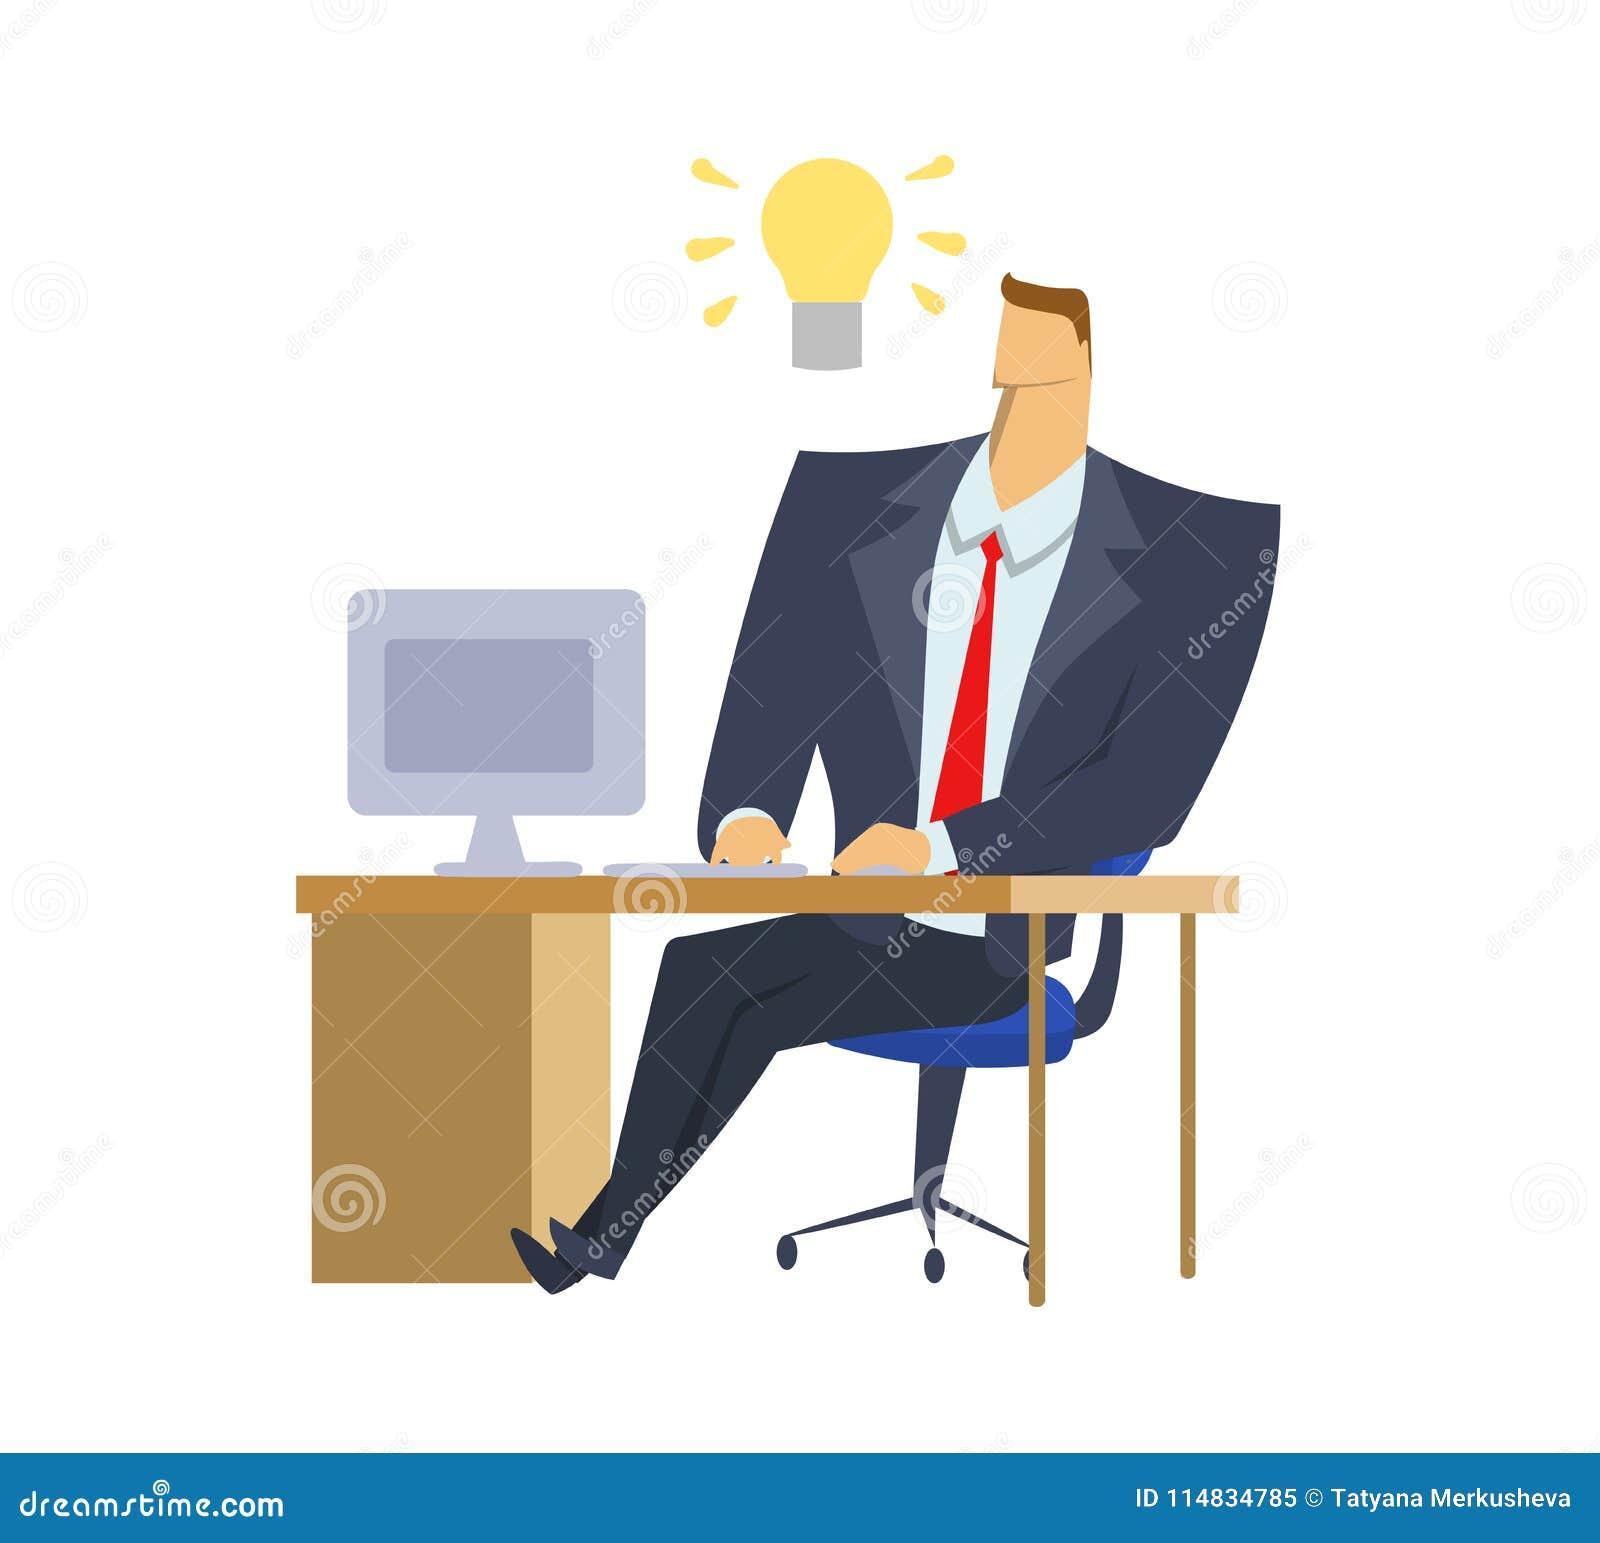 Бизнесмен в костюме офиса сидя перед компьютером с лампочкой идеи над его головой Момент лампочки